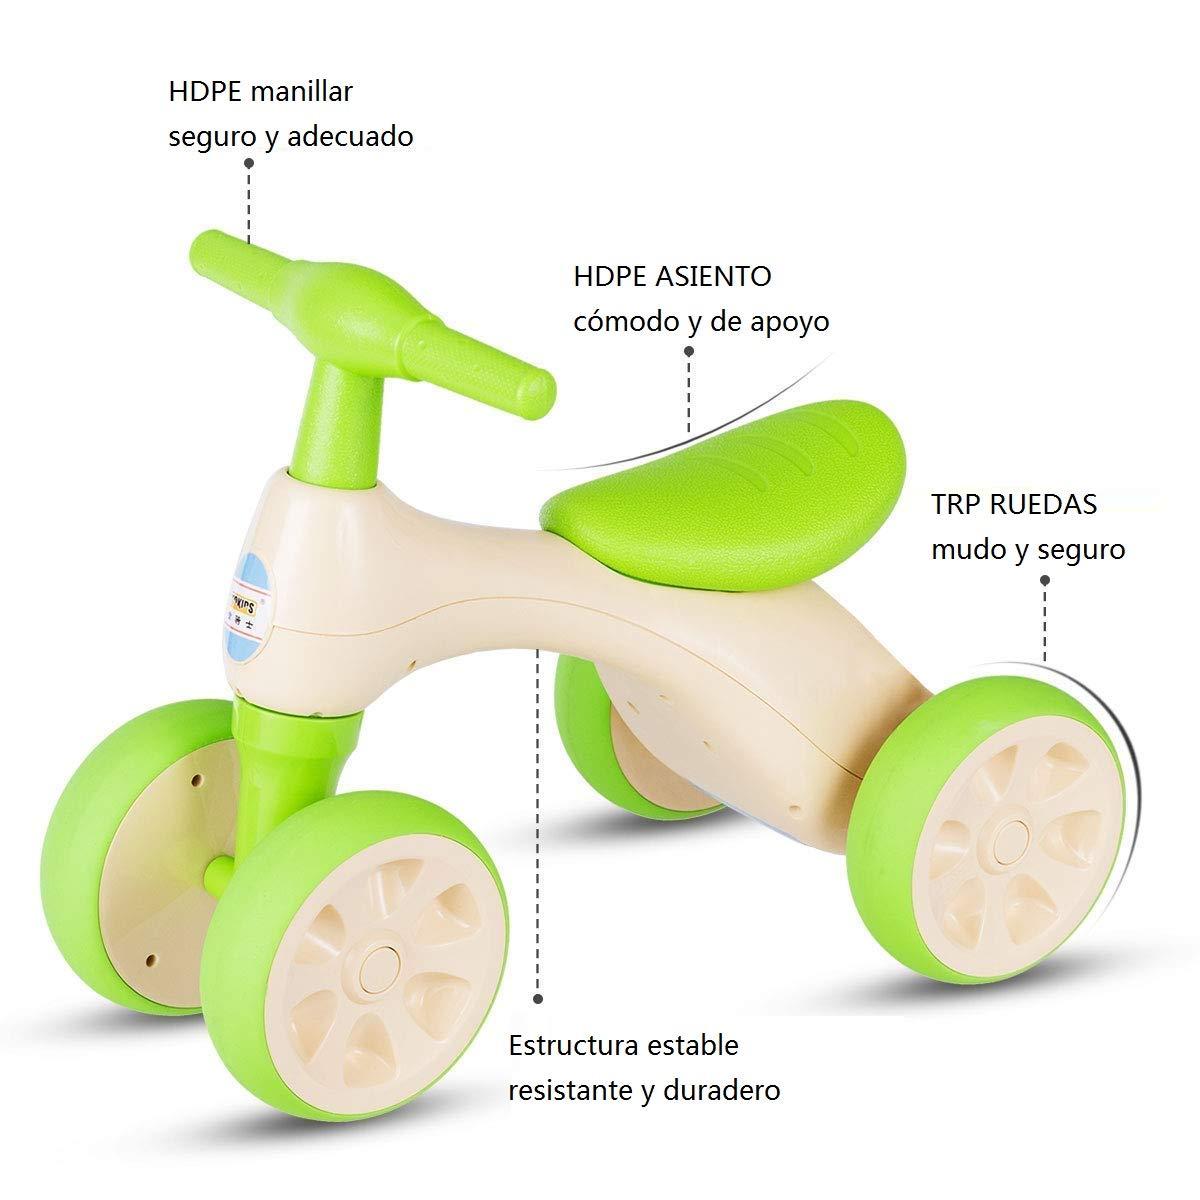 57b2a6770 ... COSTWAY Bicicleta Sin Pedales con 4 Ruedas Niños Balance Balance  Balance Bicicletas Juguetes Carga Máxima 20kg ...